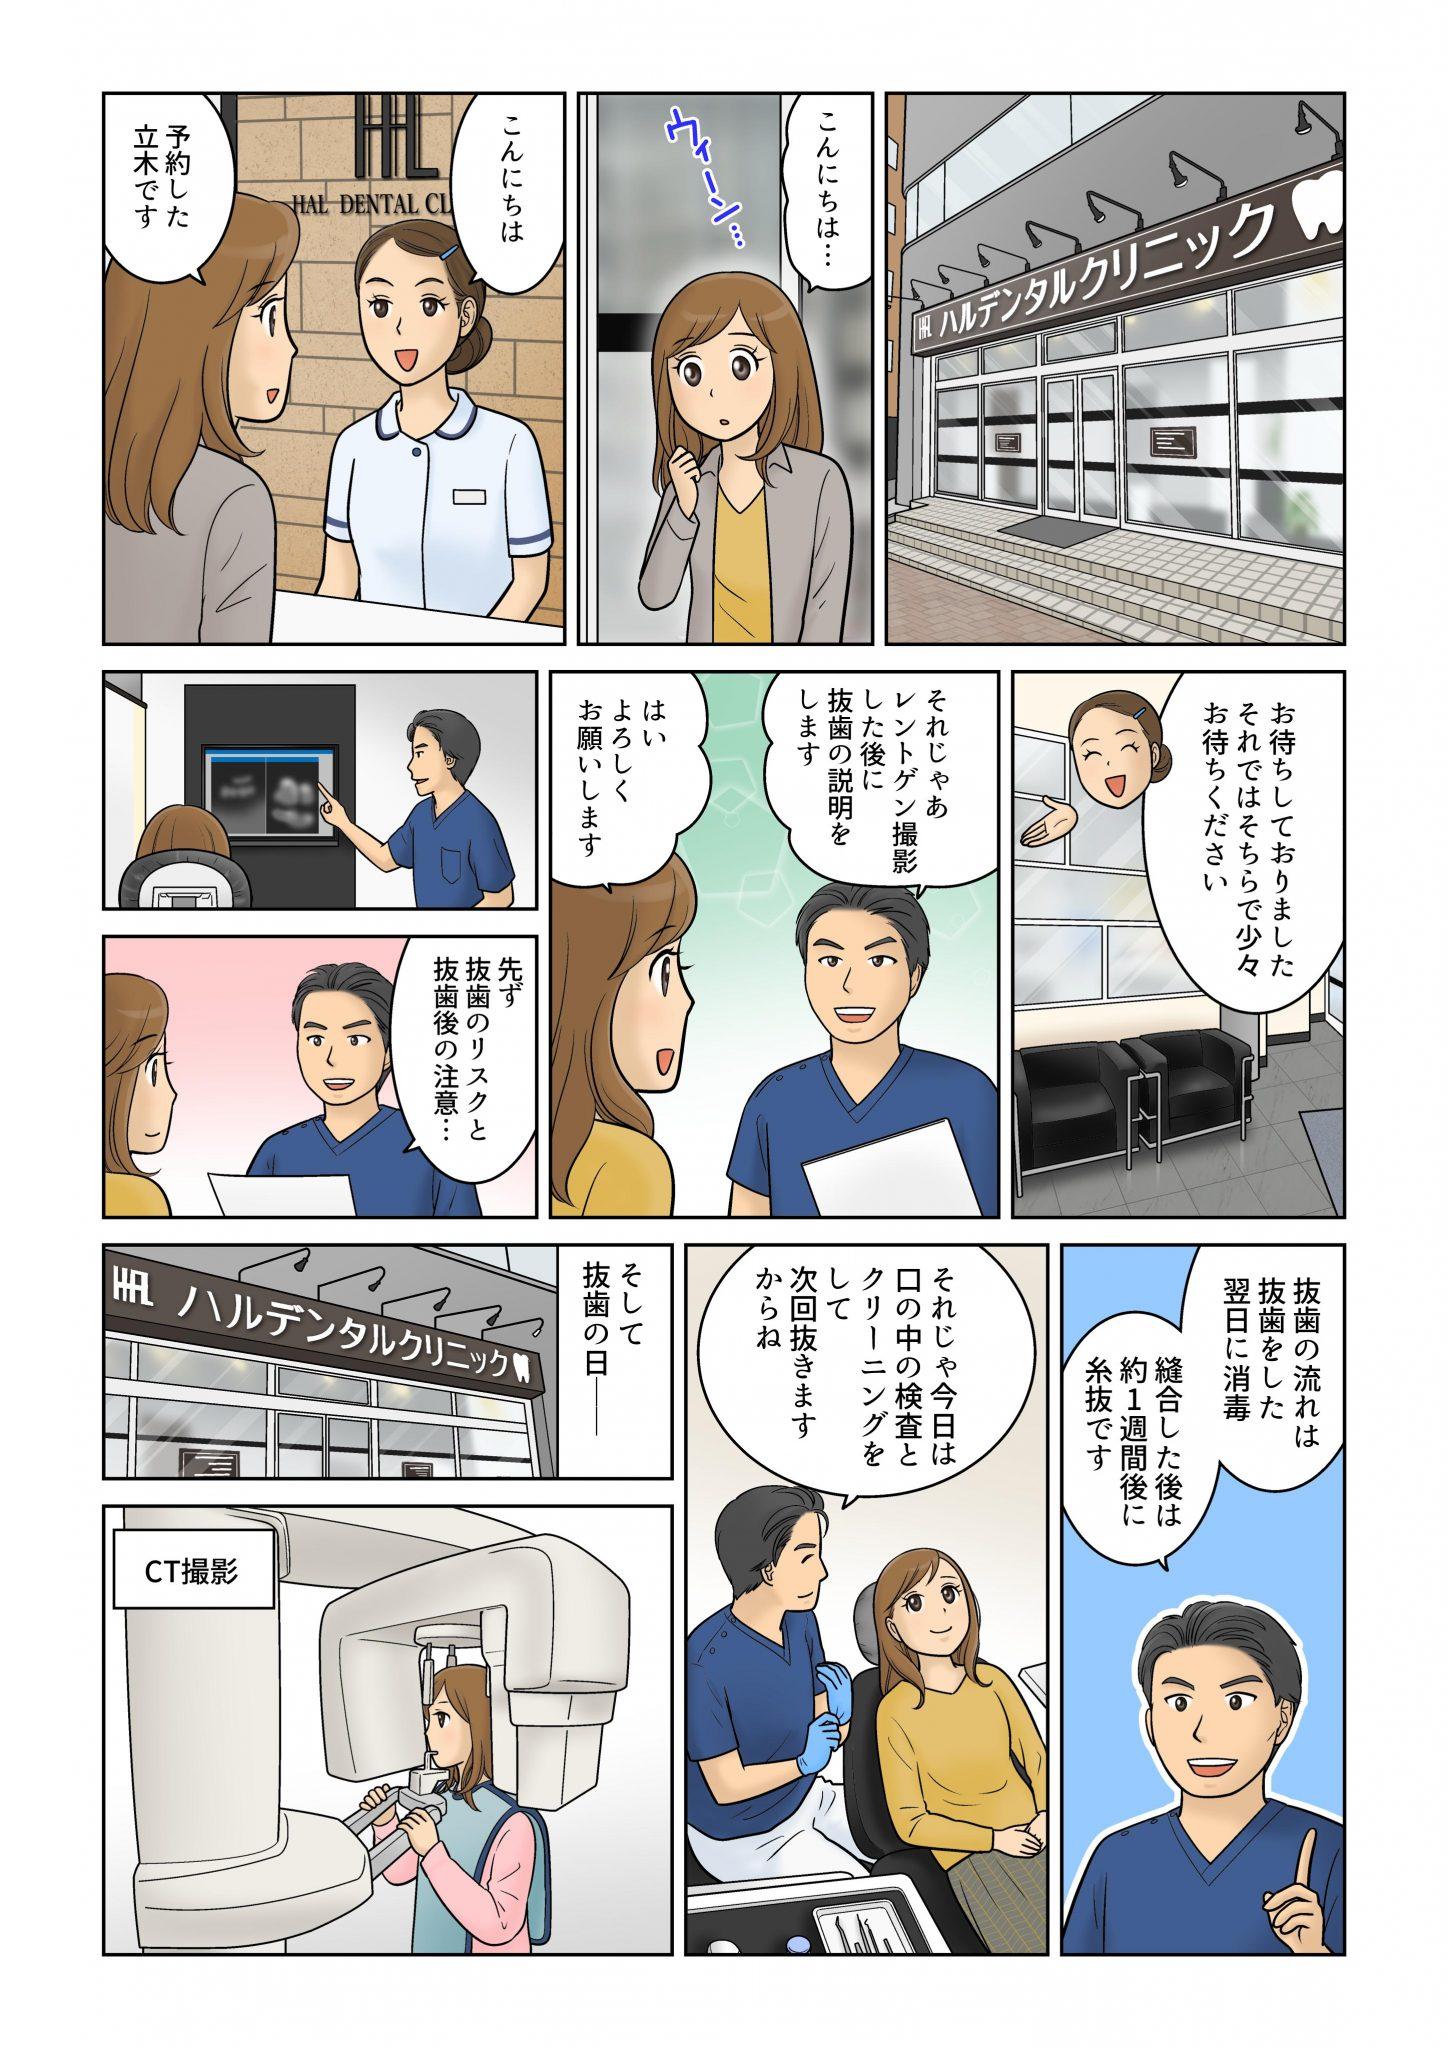 親知らずの説明3